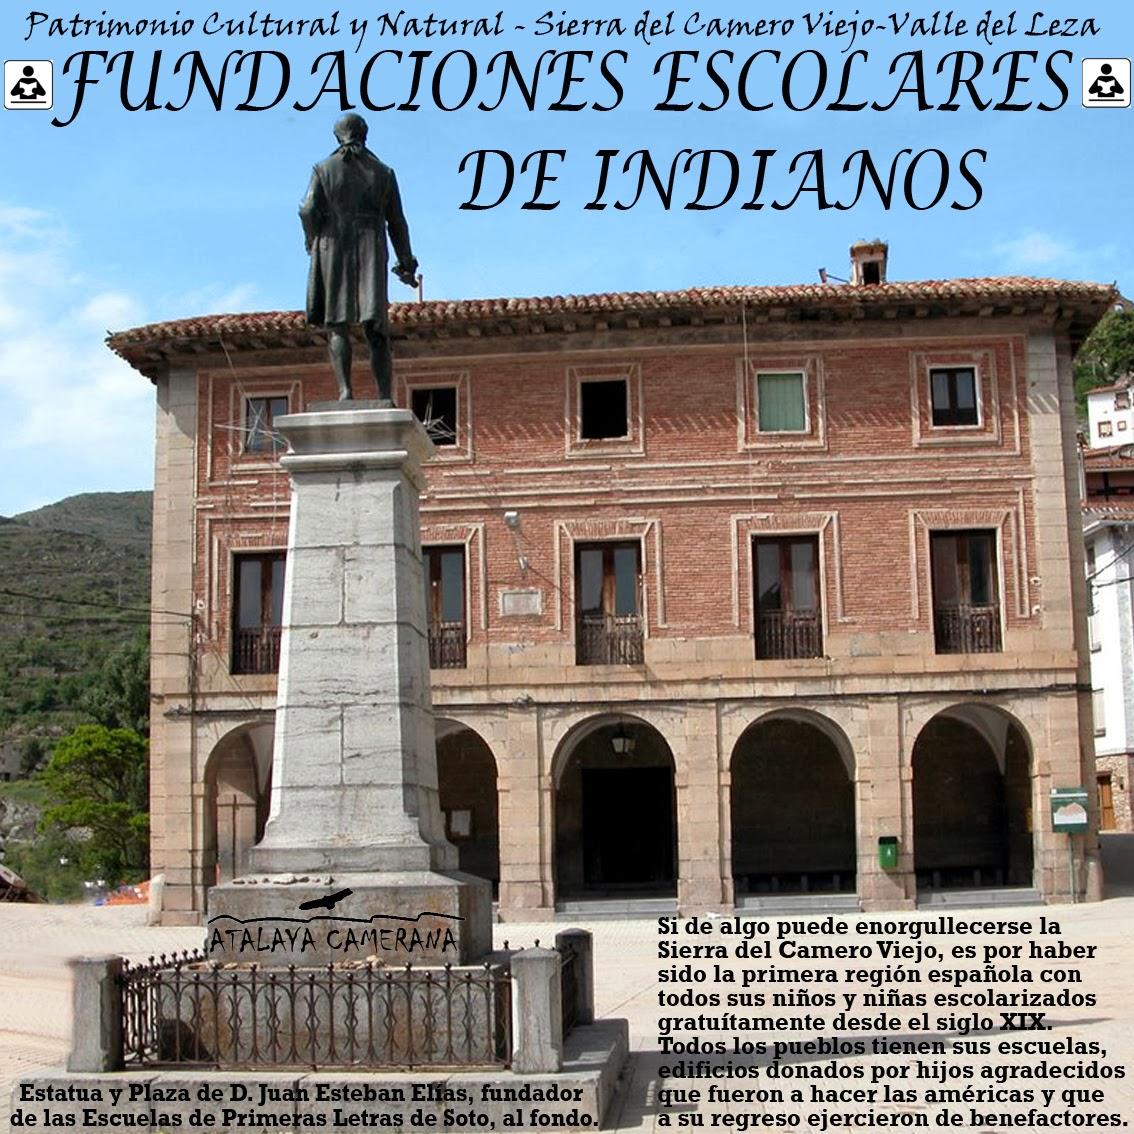 Sierra del Camero Viejo - Valle del Leza. Patrimonio Cultural y Natural. Fundaciones Escolares de Indianos.